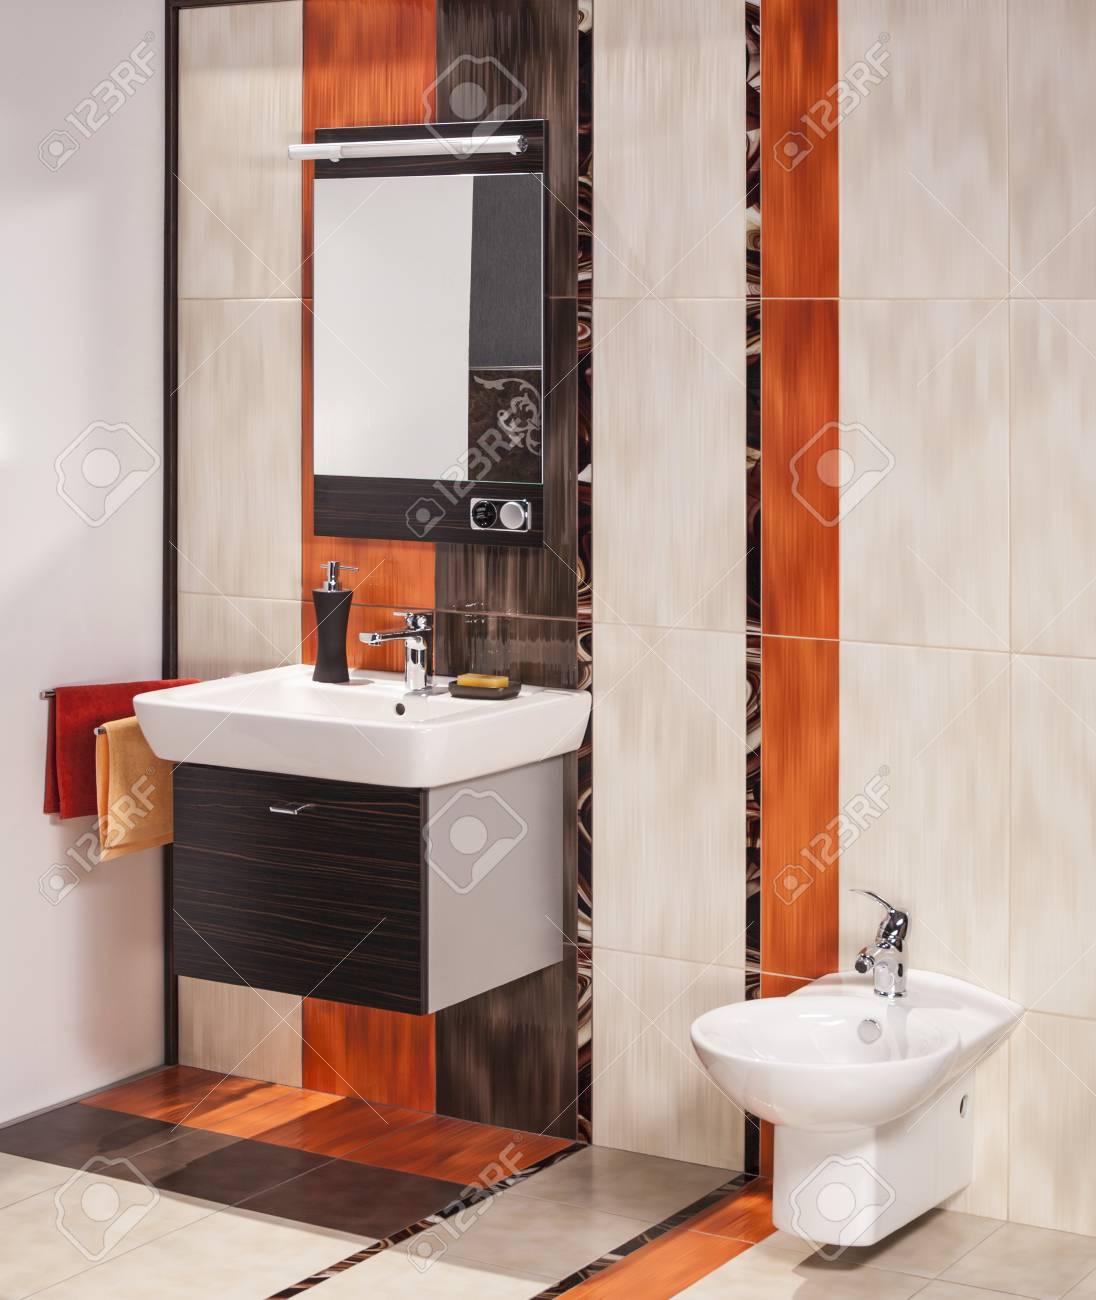 Accessoires Salle De Bain Bathroom ~ d tail d une salle de bains moderne avec vier et accessoires banque